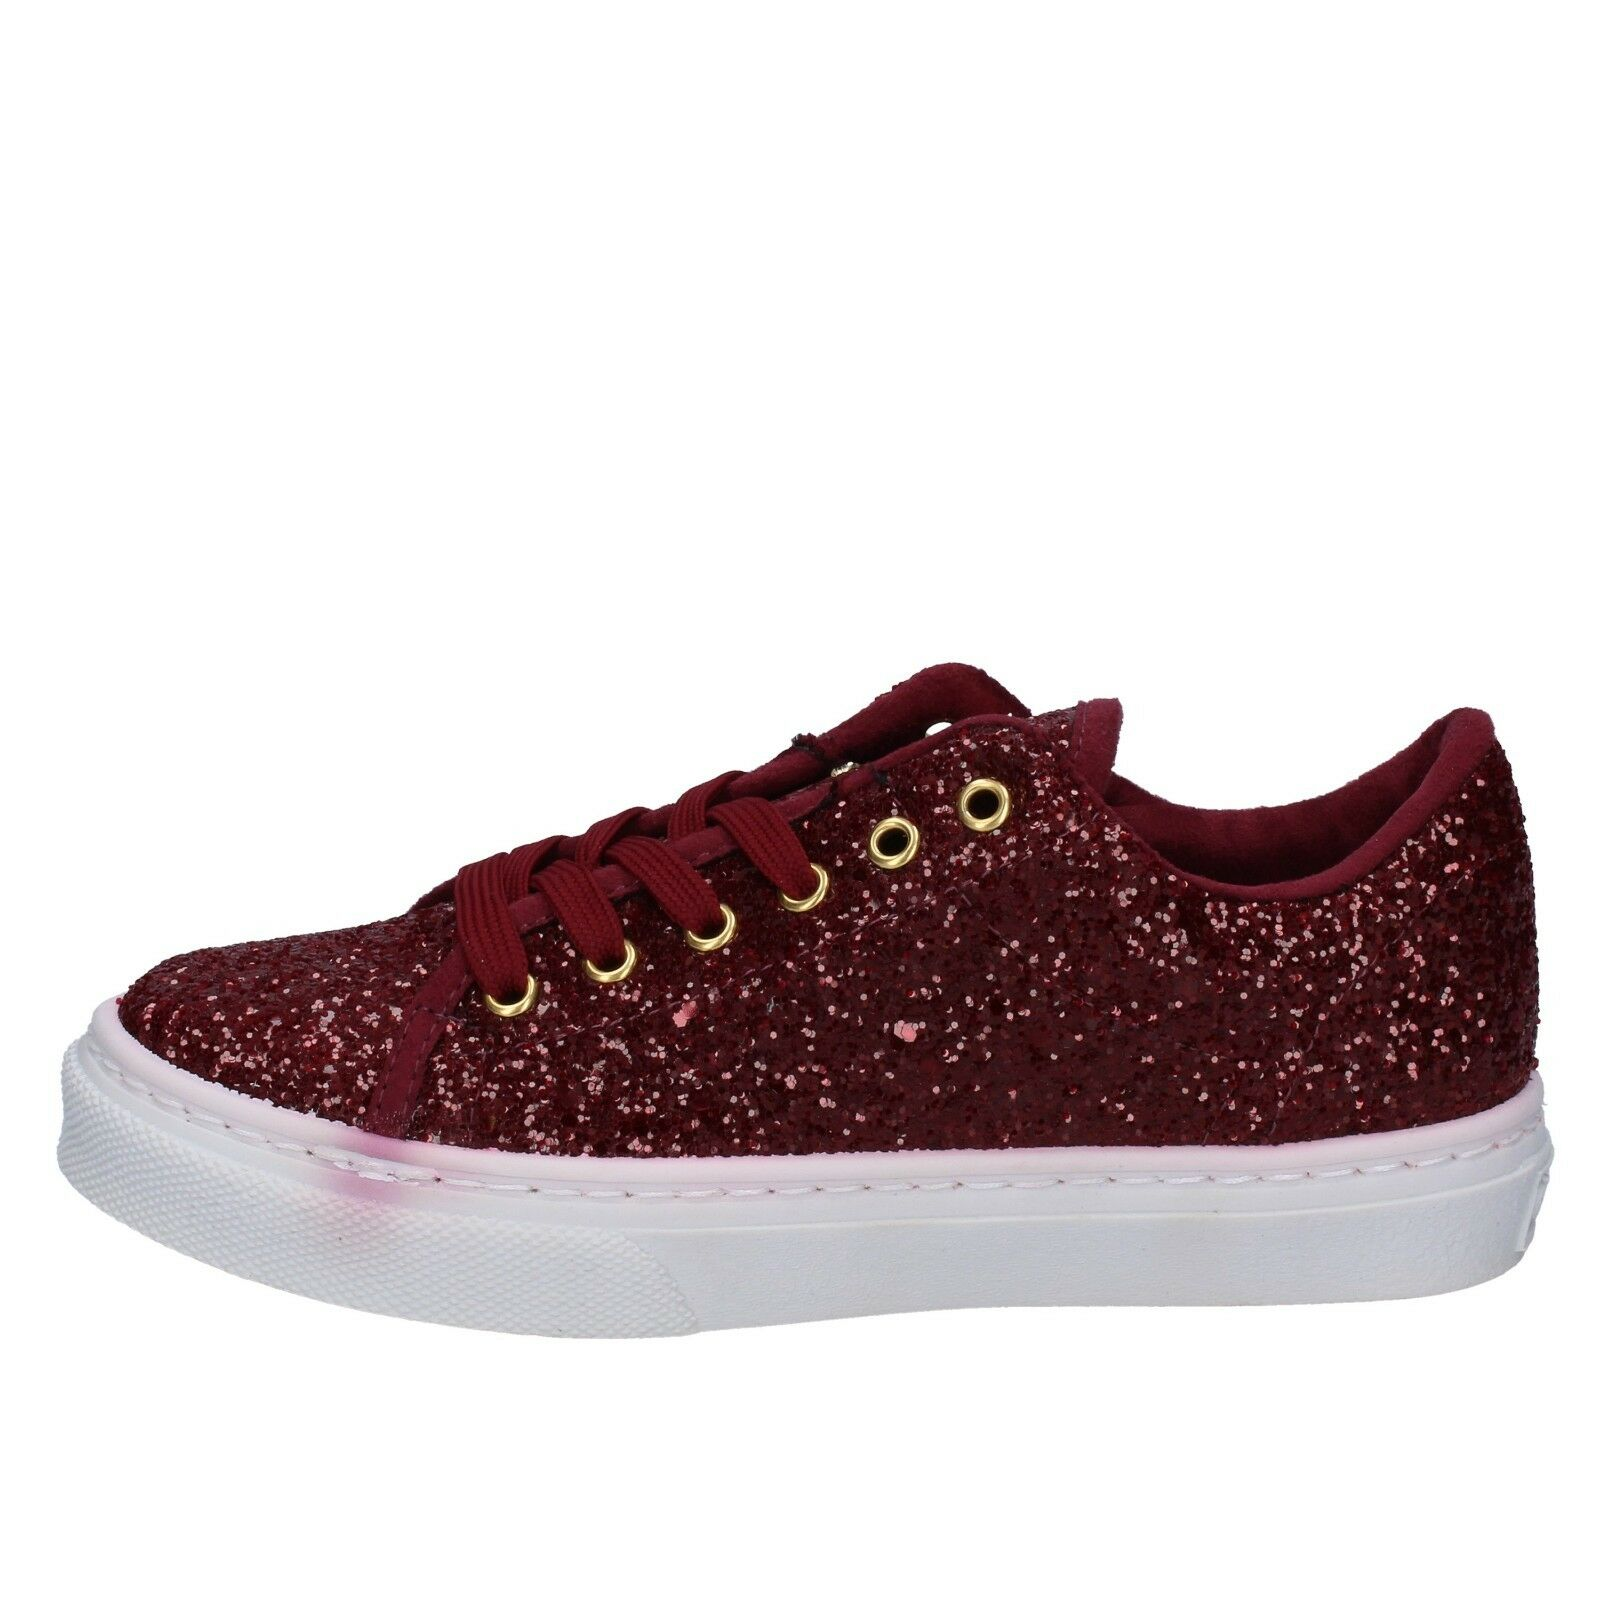 Scarpe donna GUESS 37 EU scarpe BY957-37 da ginnastica bordeaux glitter BY957-37 scarpe 4b15a2